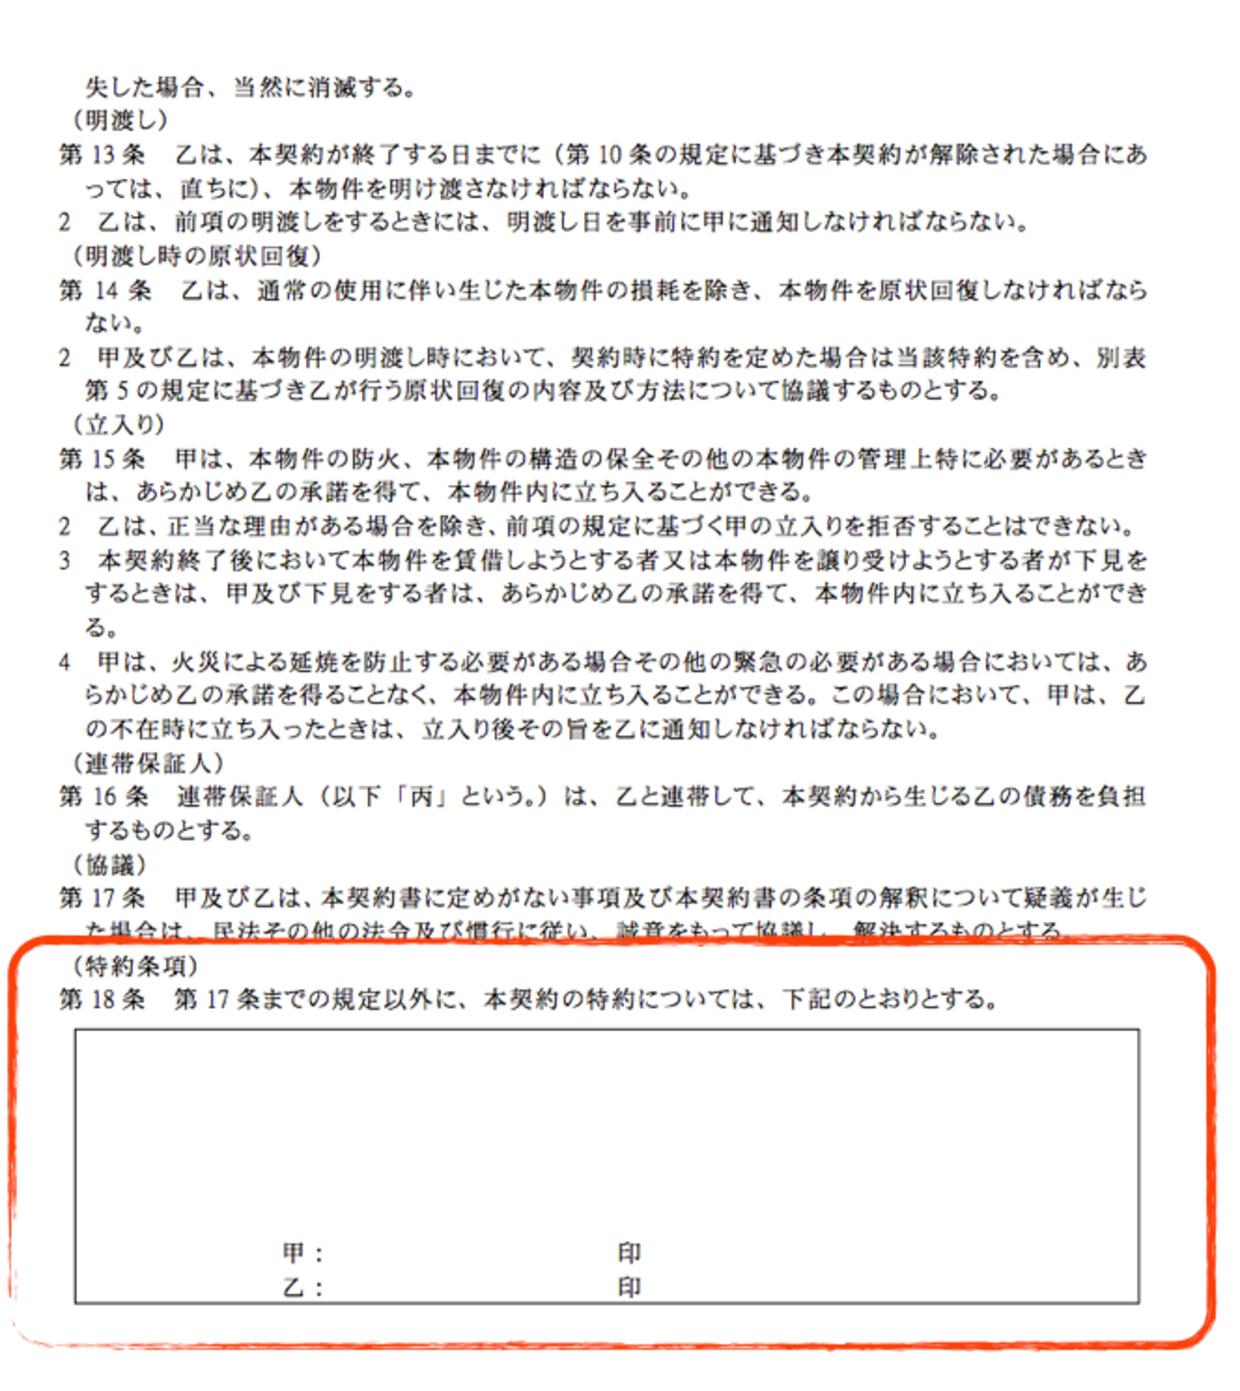 サンプル契約書では5ページの第18条(特約条項)の欄になります。